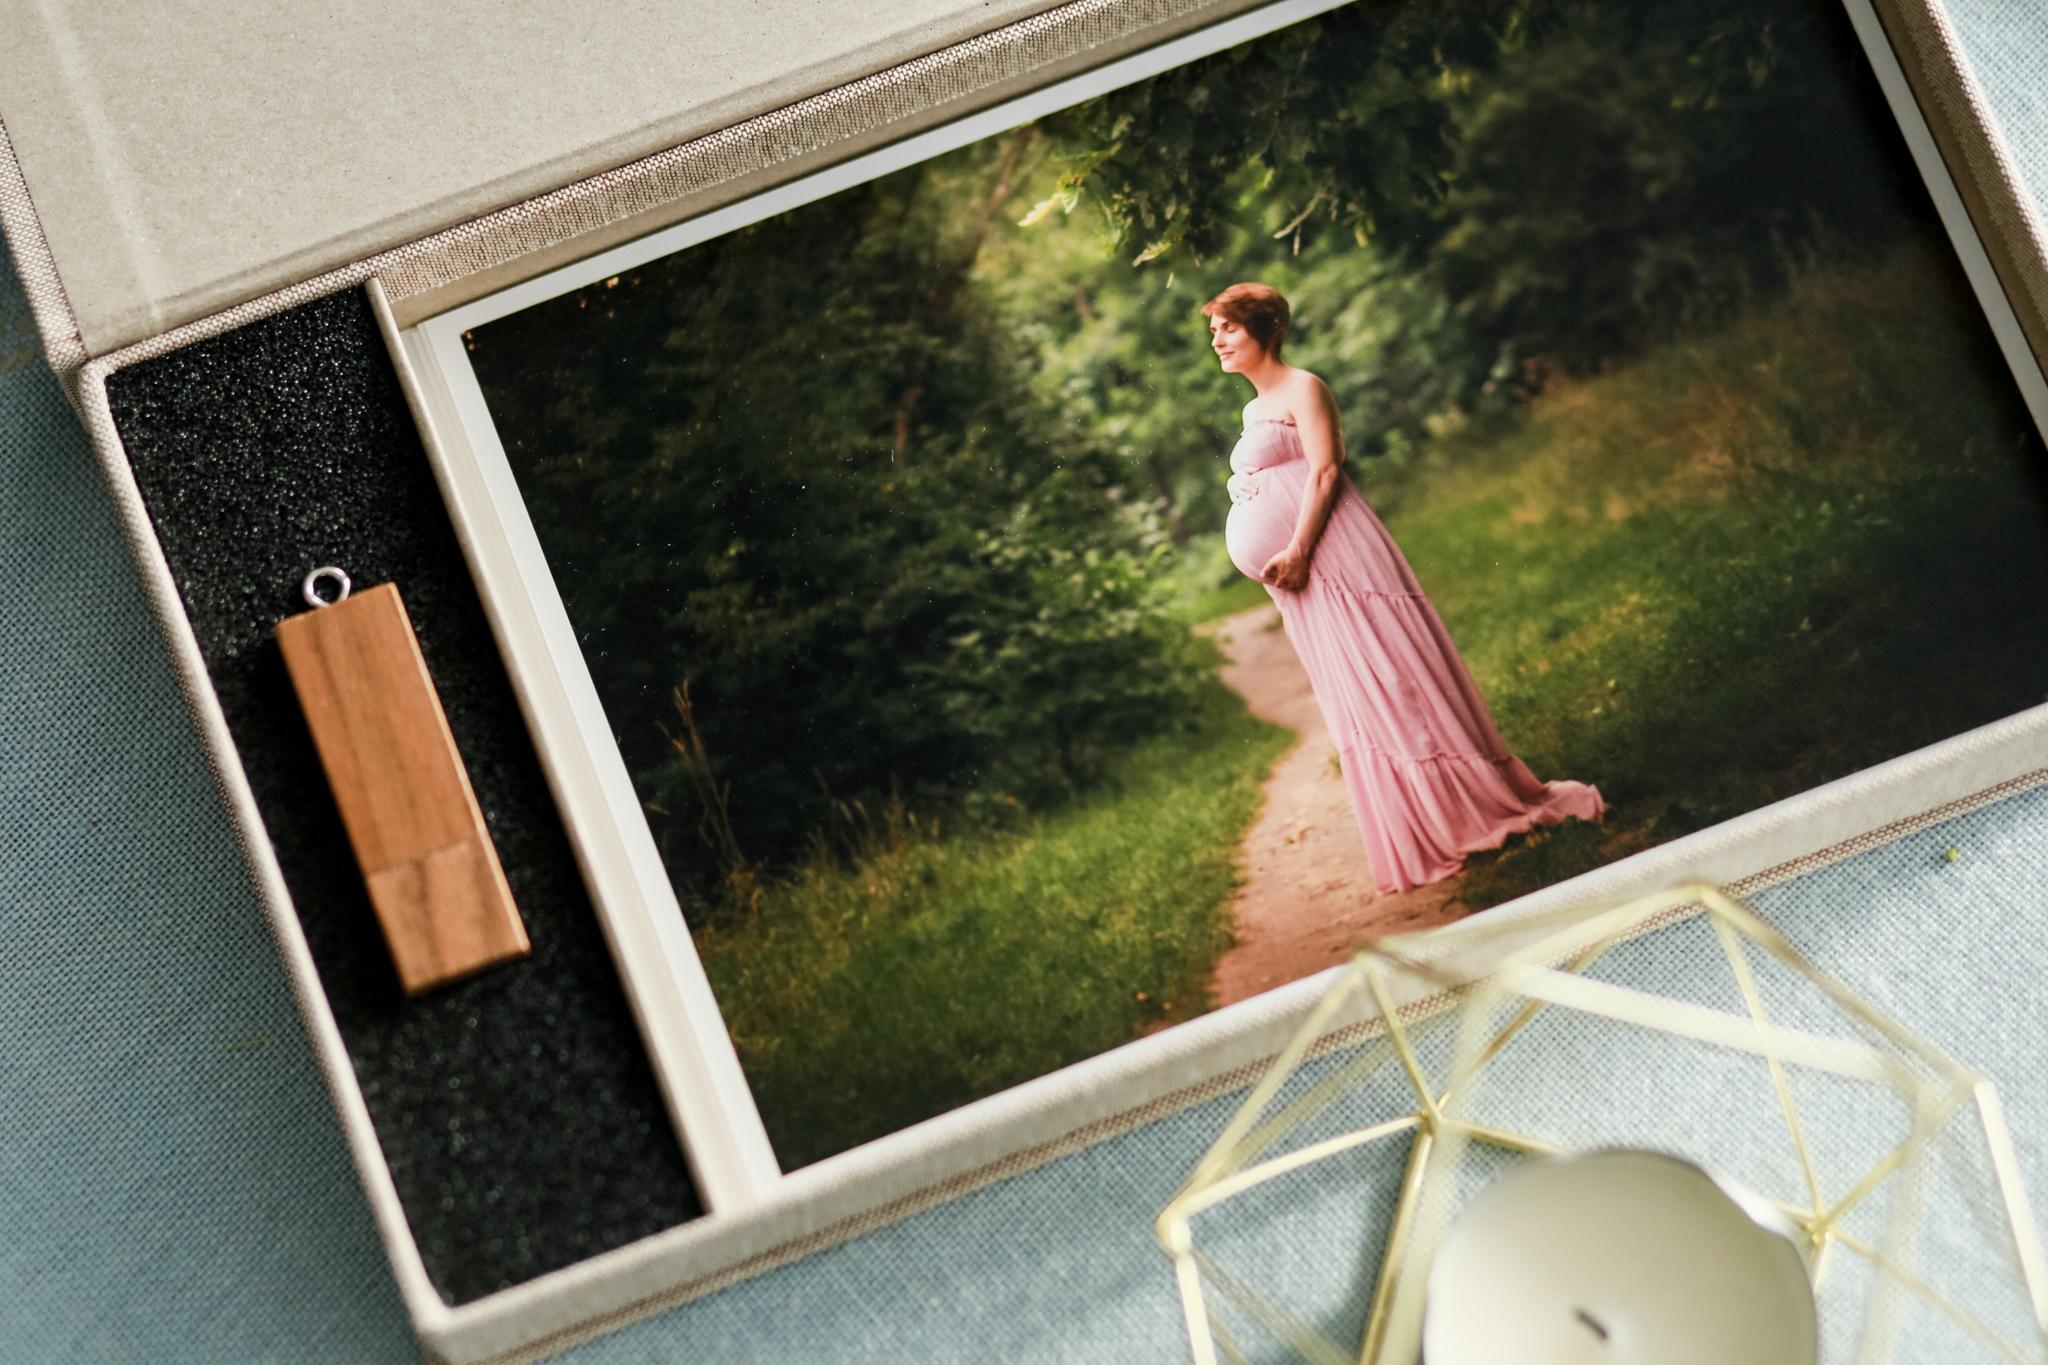 fotoprodukty dostępne u fotografa